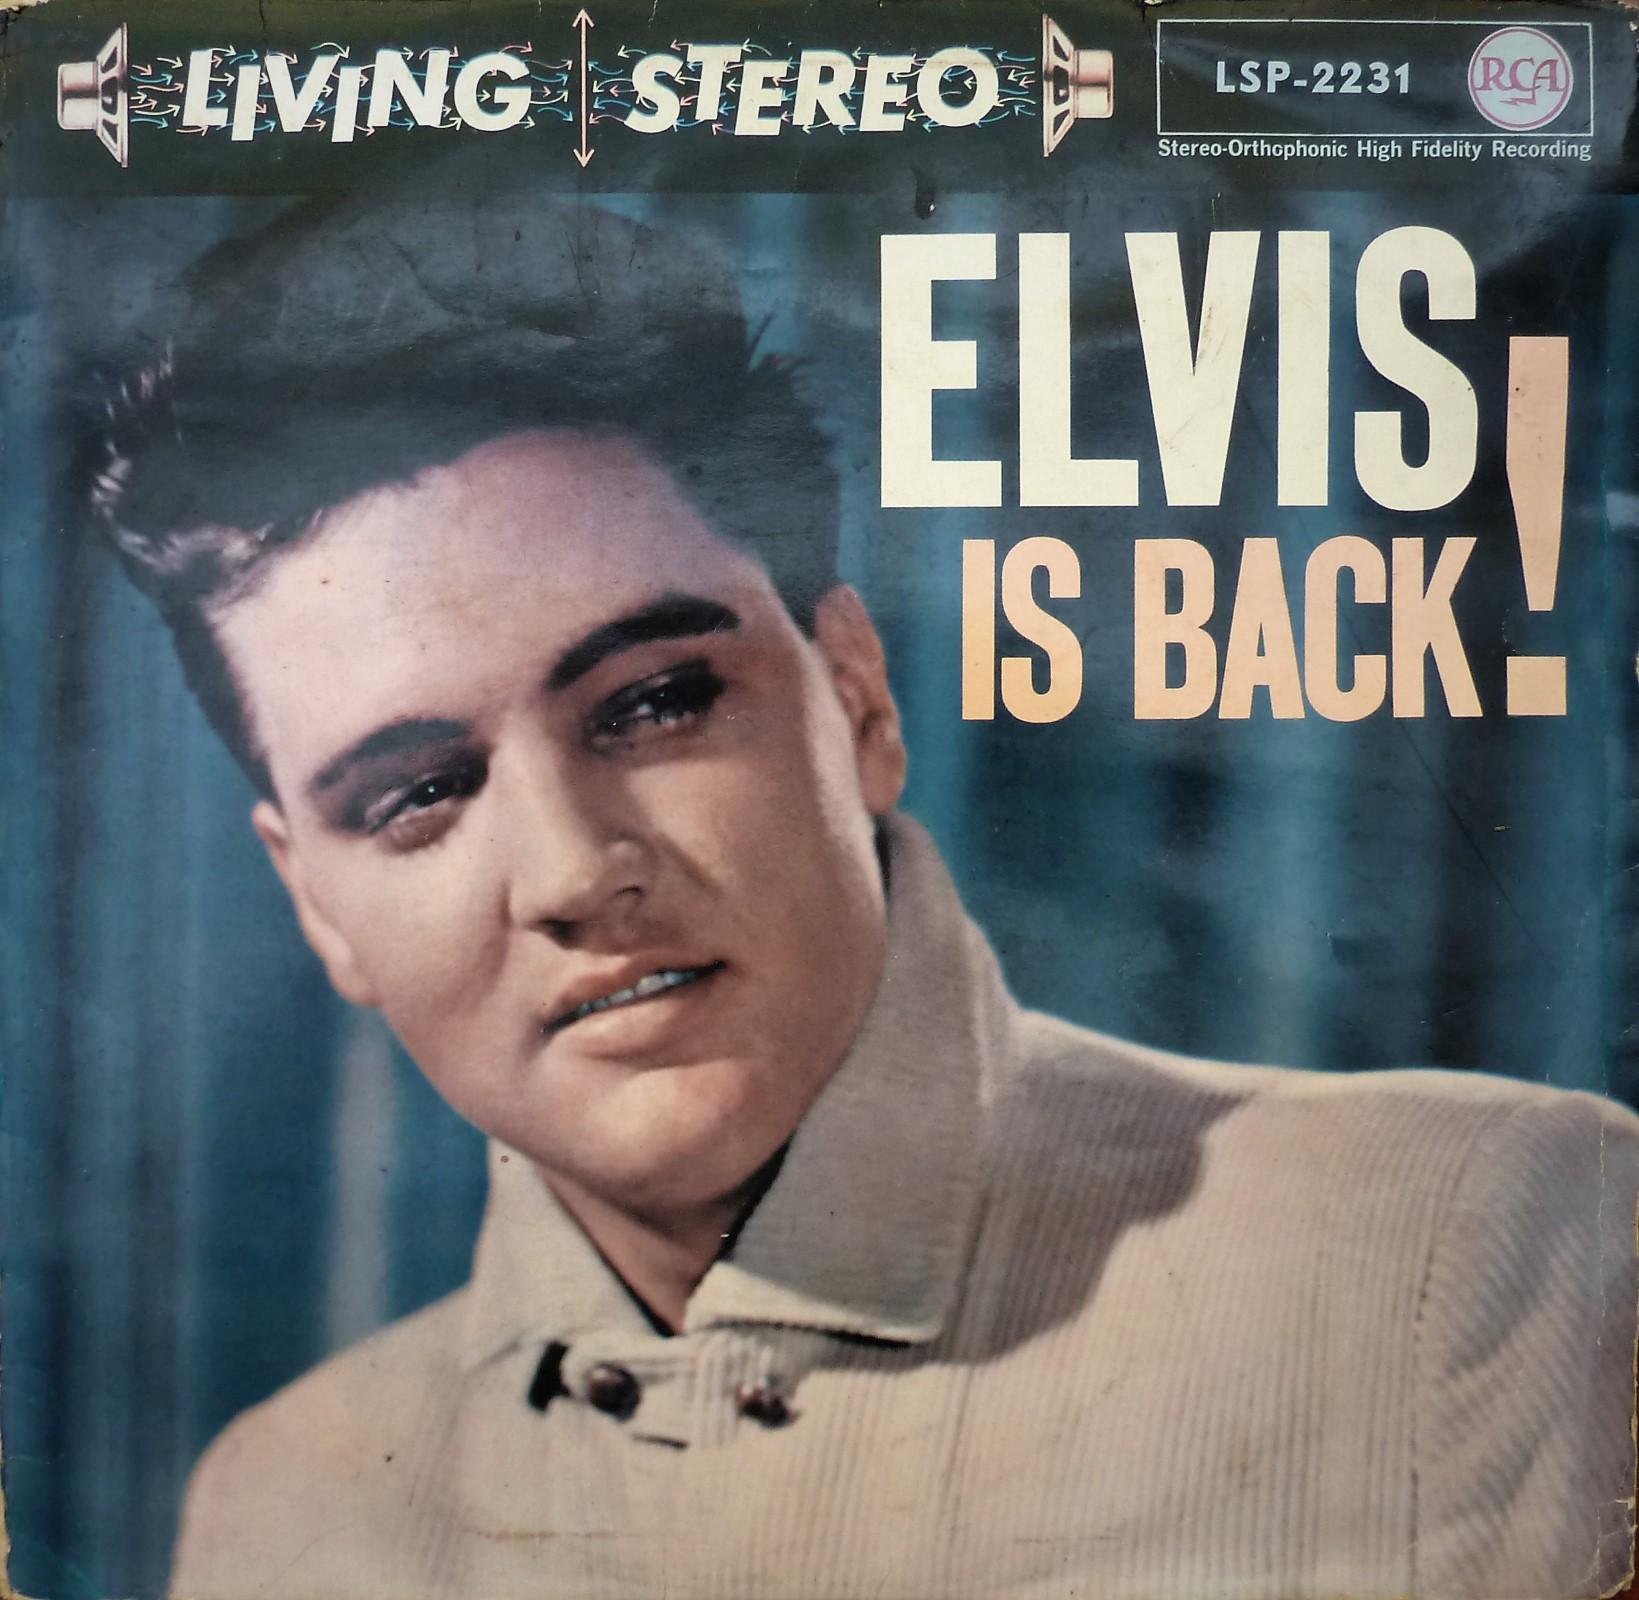 ELVIS IS BACK! Elvisisbacklsplivingsxtu8s